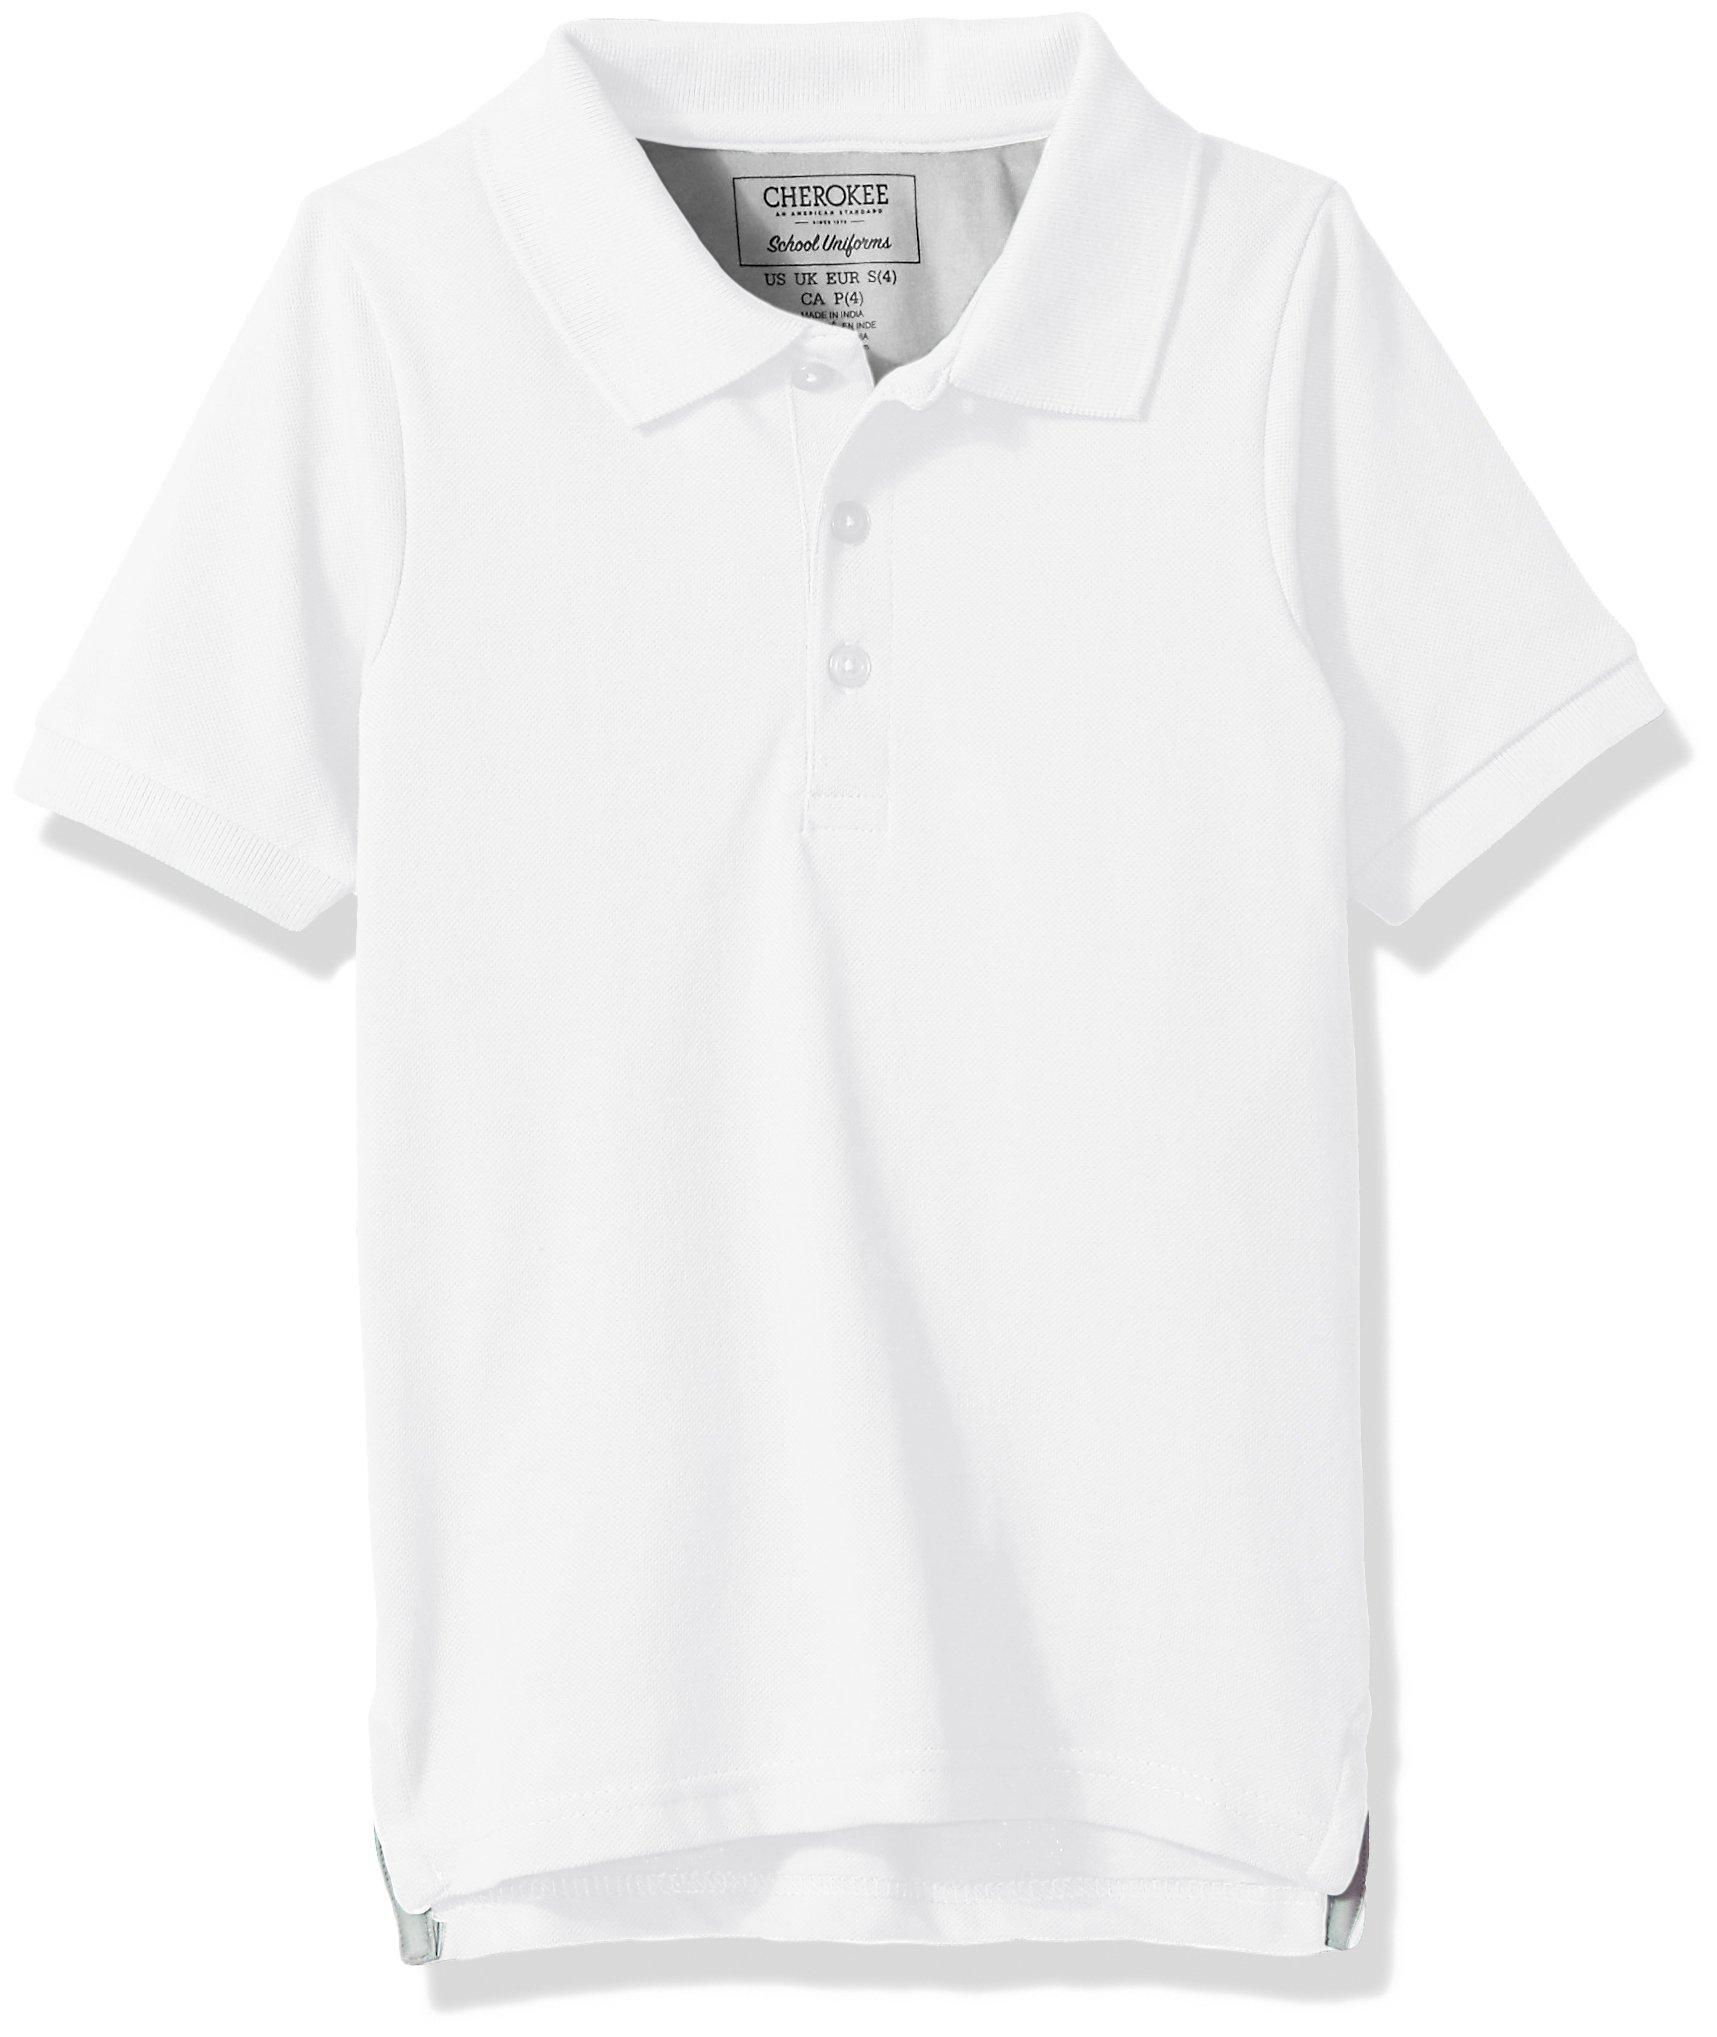 Cherokee Big Boys' Uniform Short Sleeve Pique Polos, White, S(8)